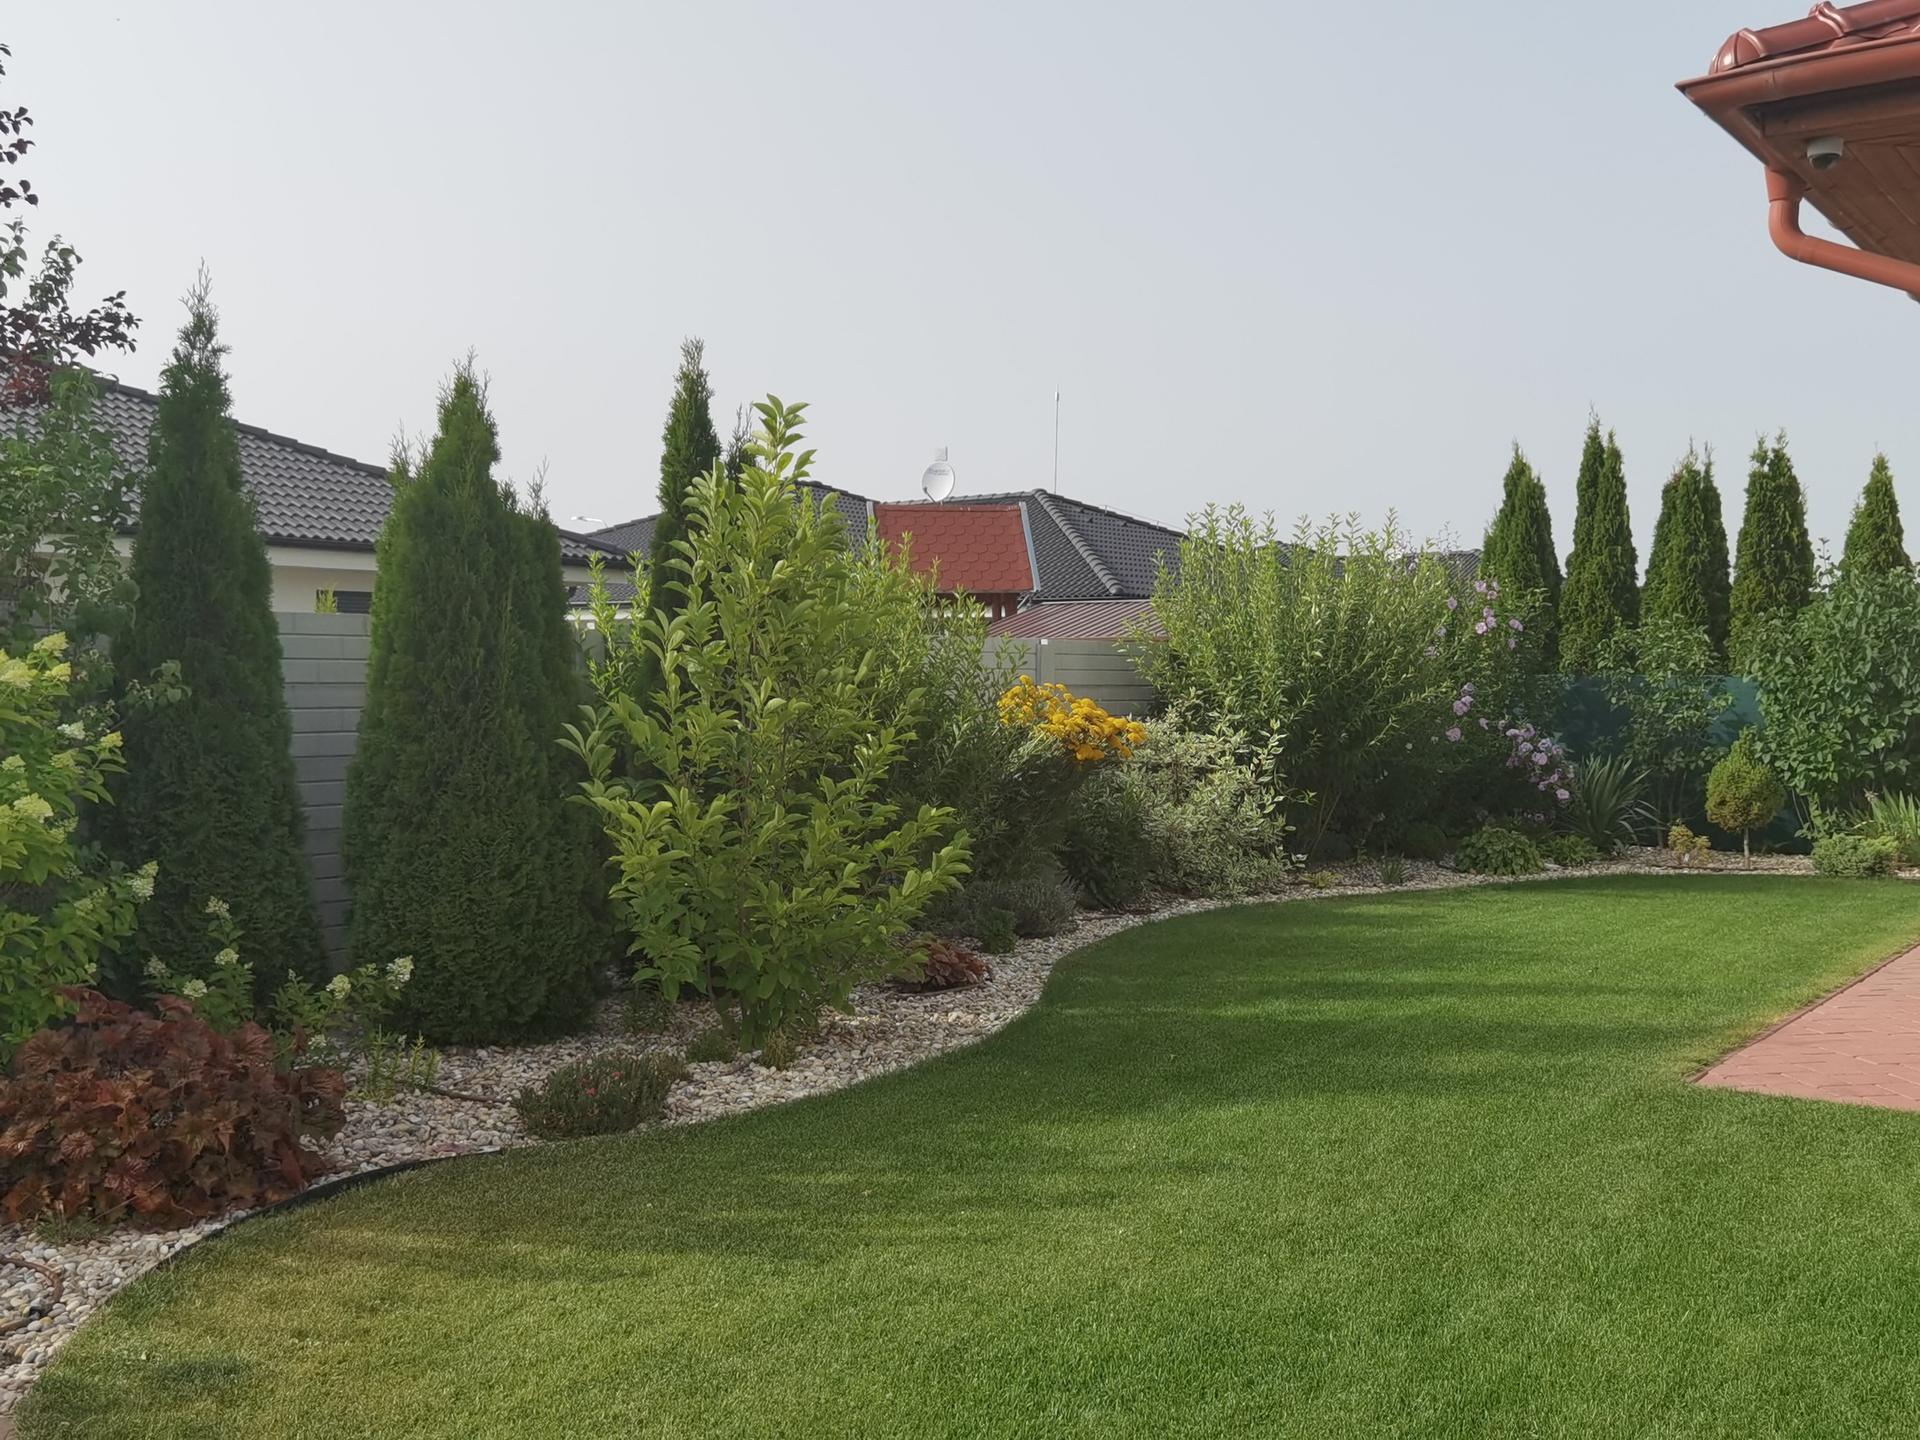 Záhrada 2021 - Obrázok č. 40